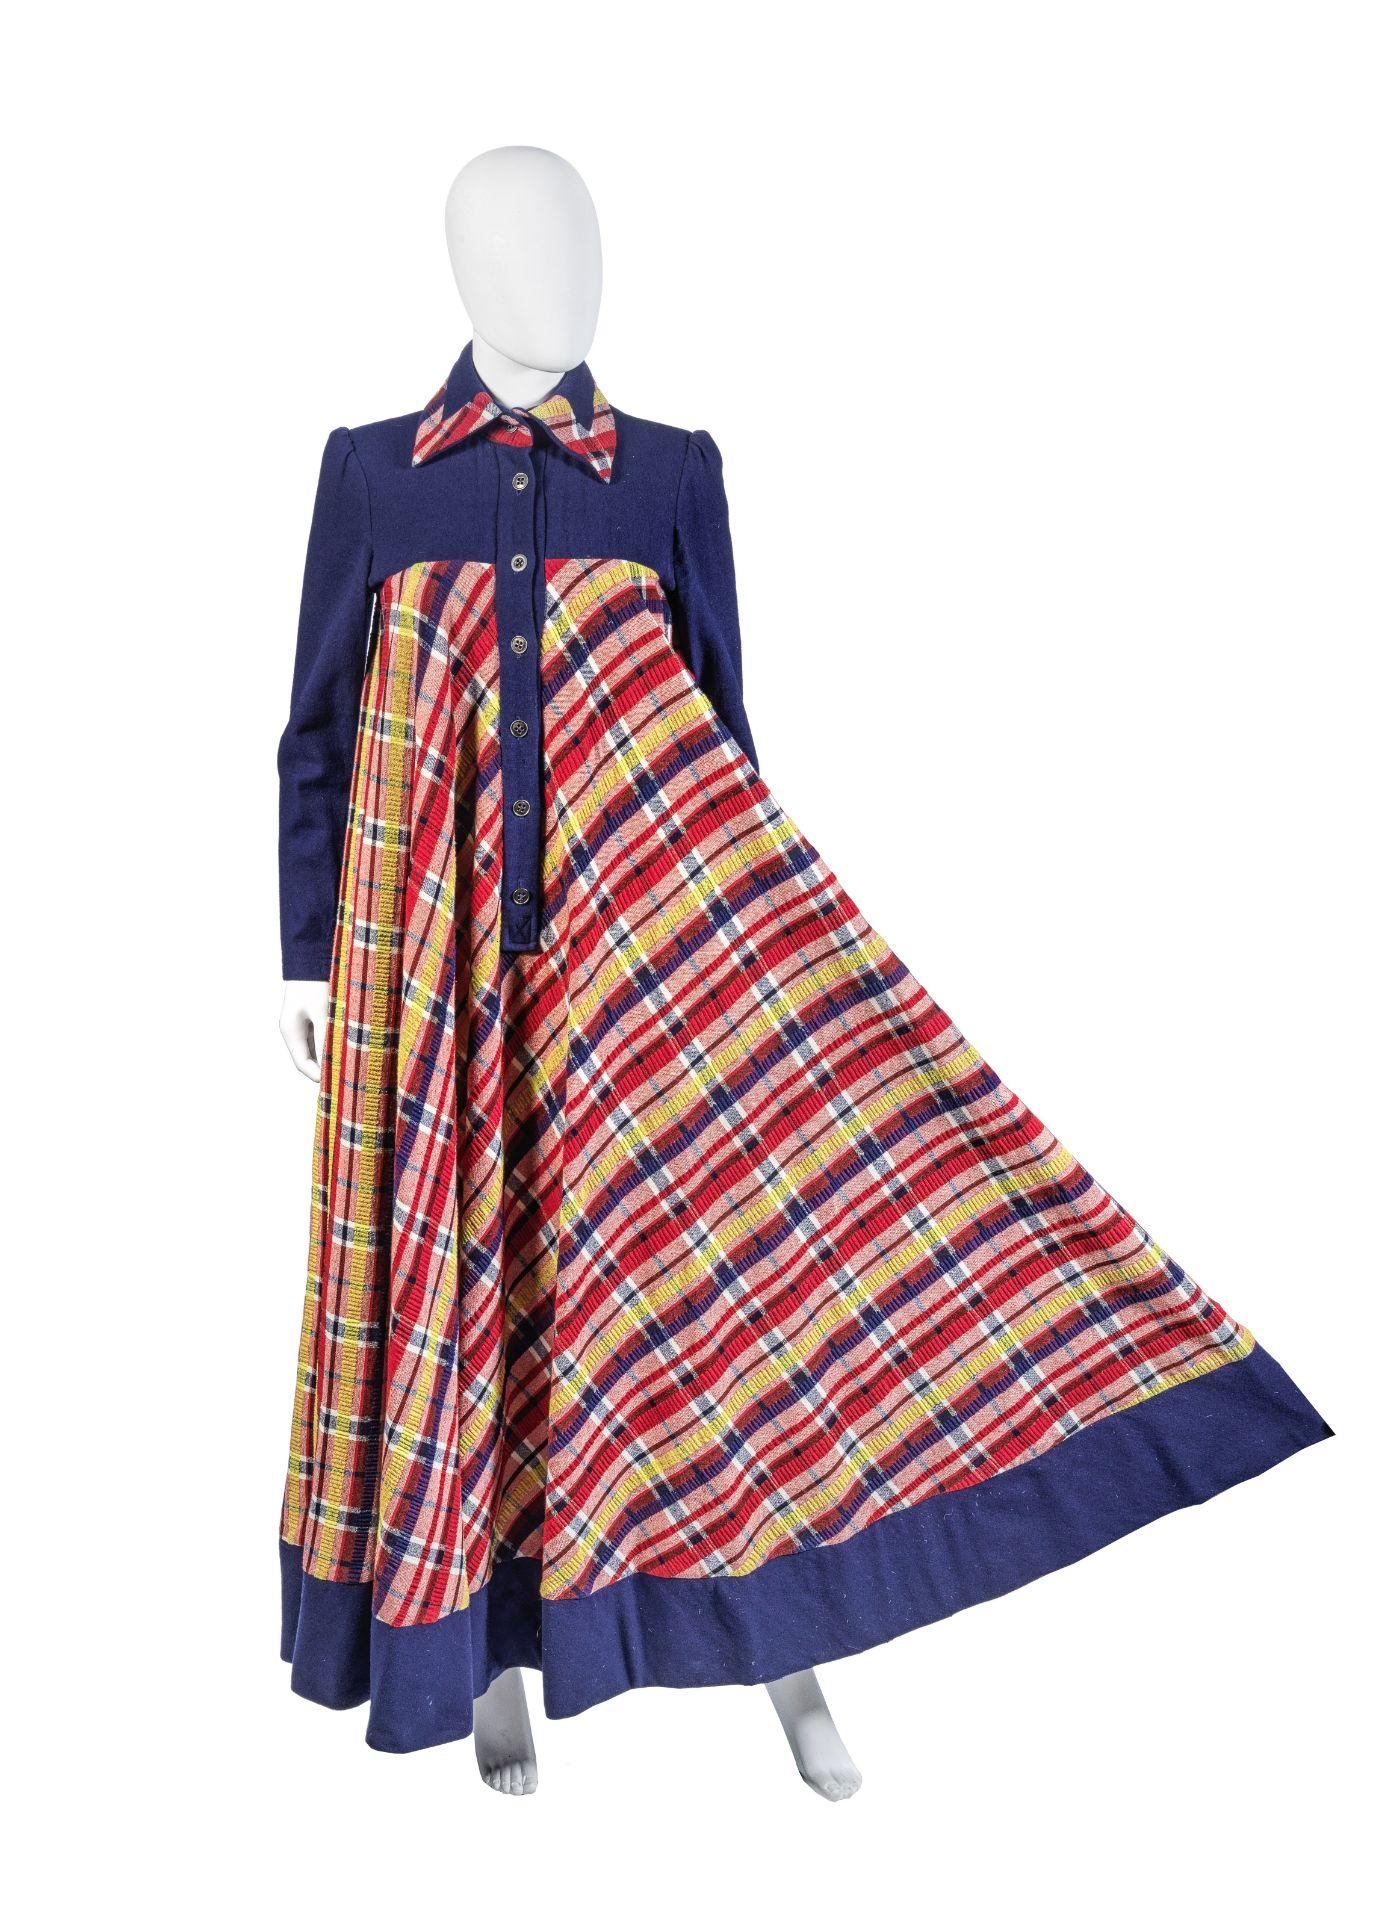 Jean Varon (John Bates) Blue and Red Wool Tartan Maxi Dress, circa 1969